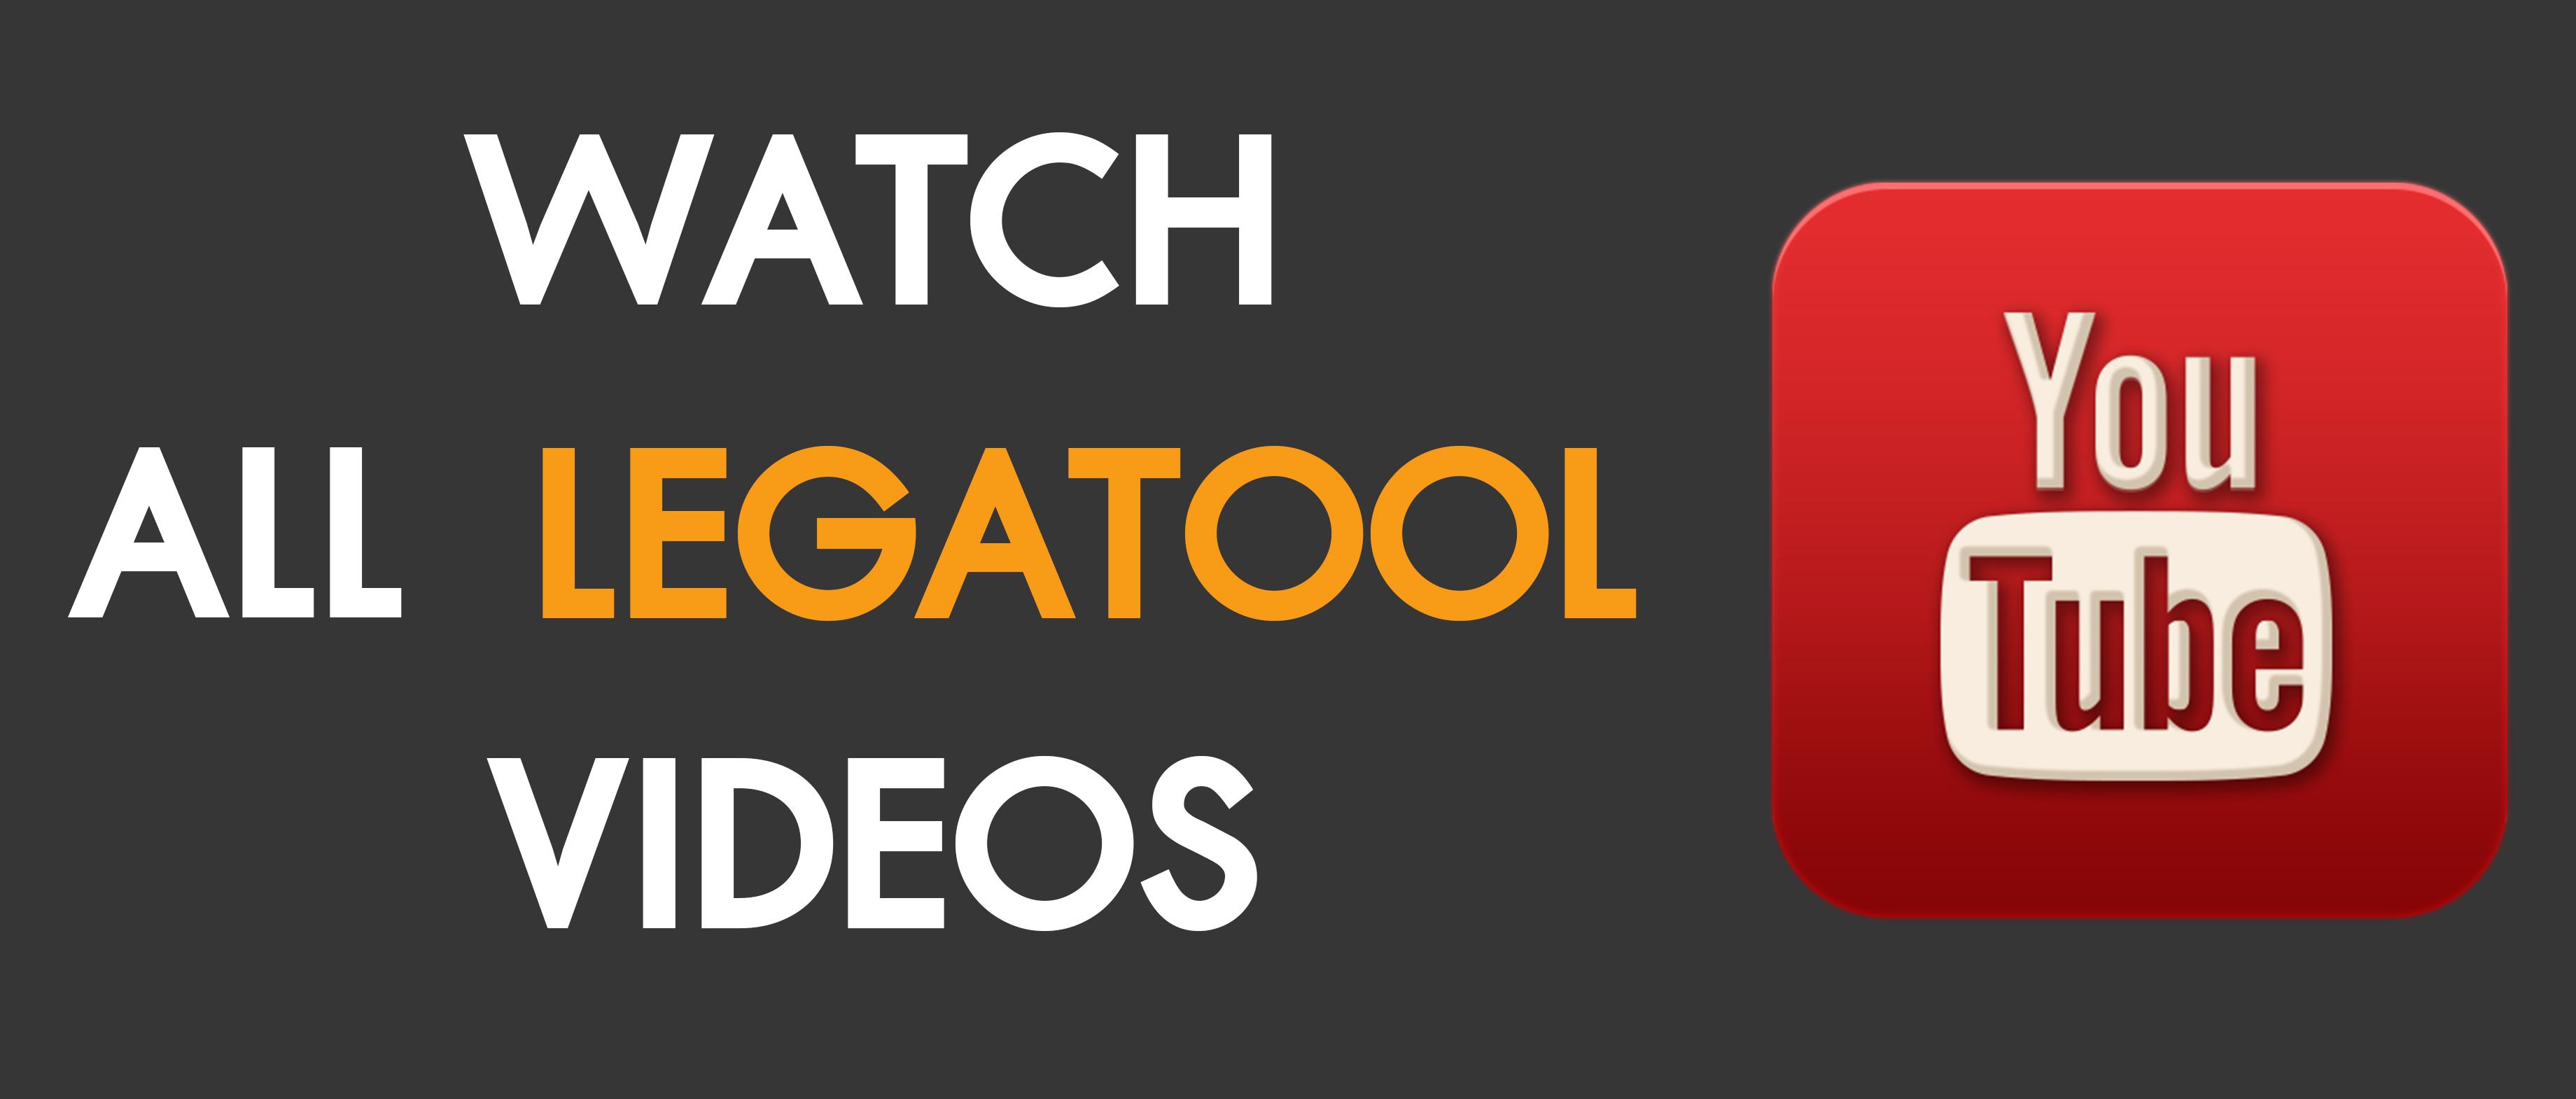 Lega youtube